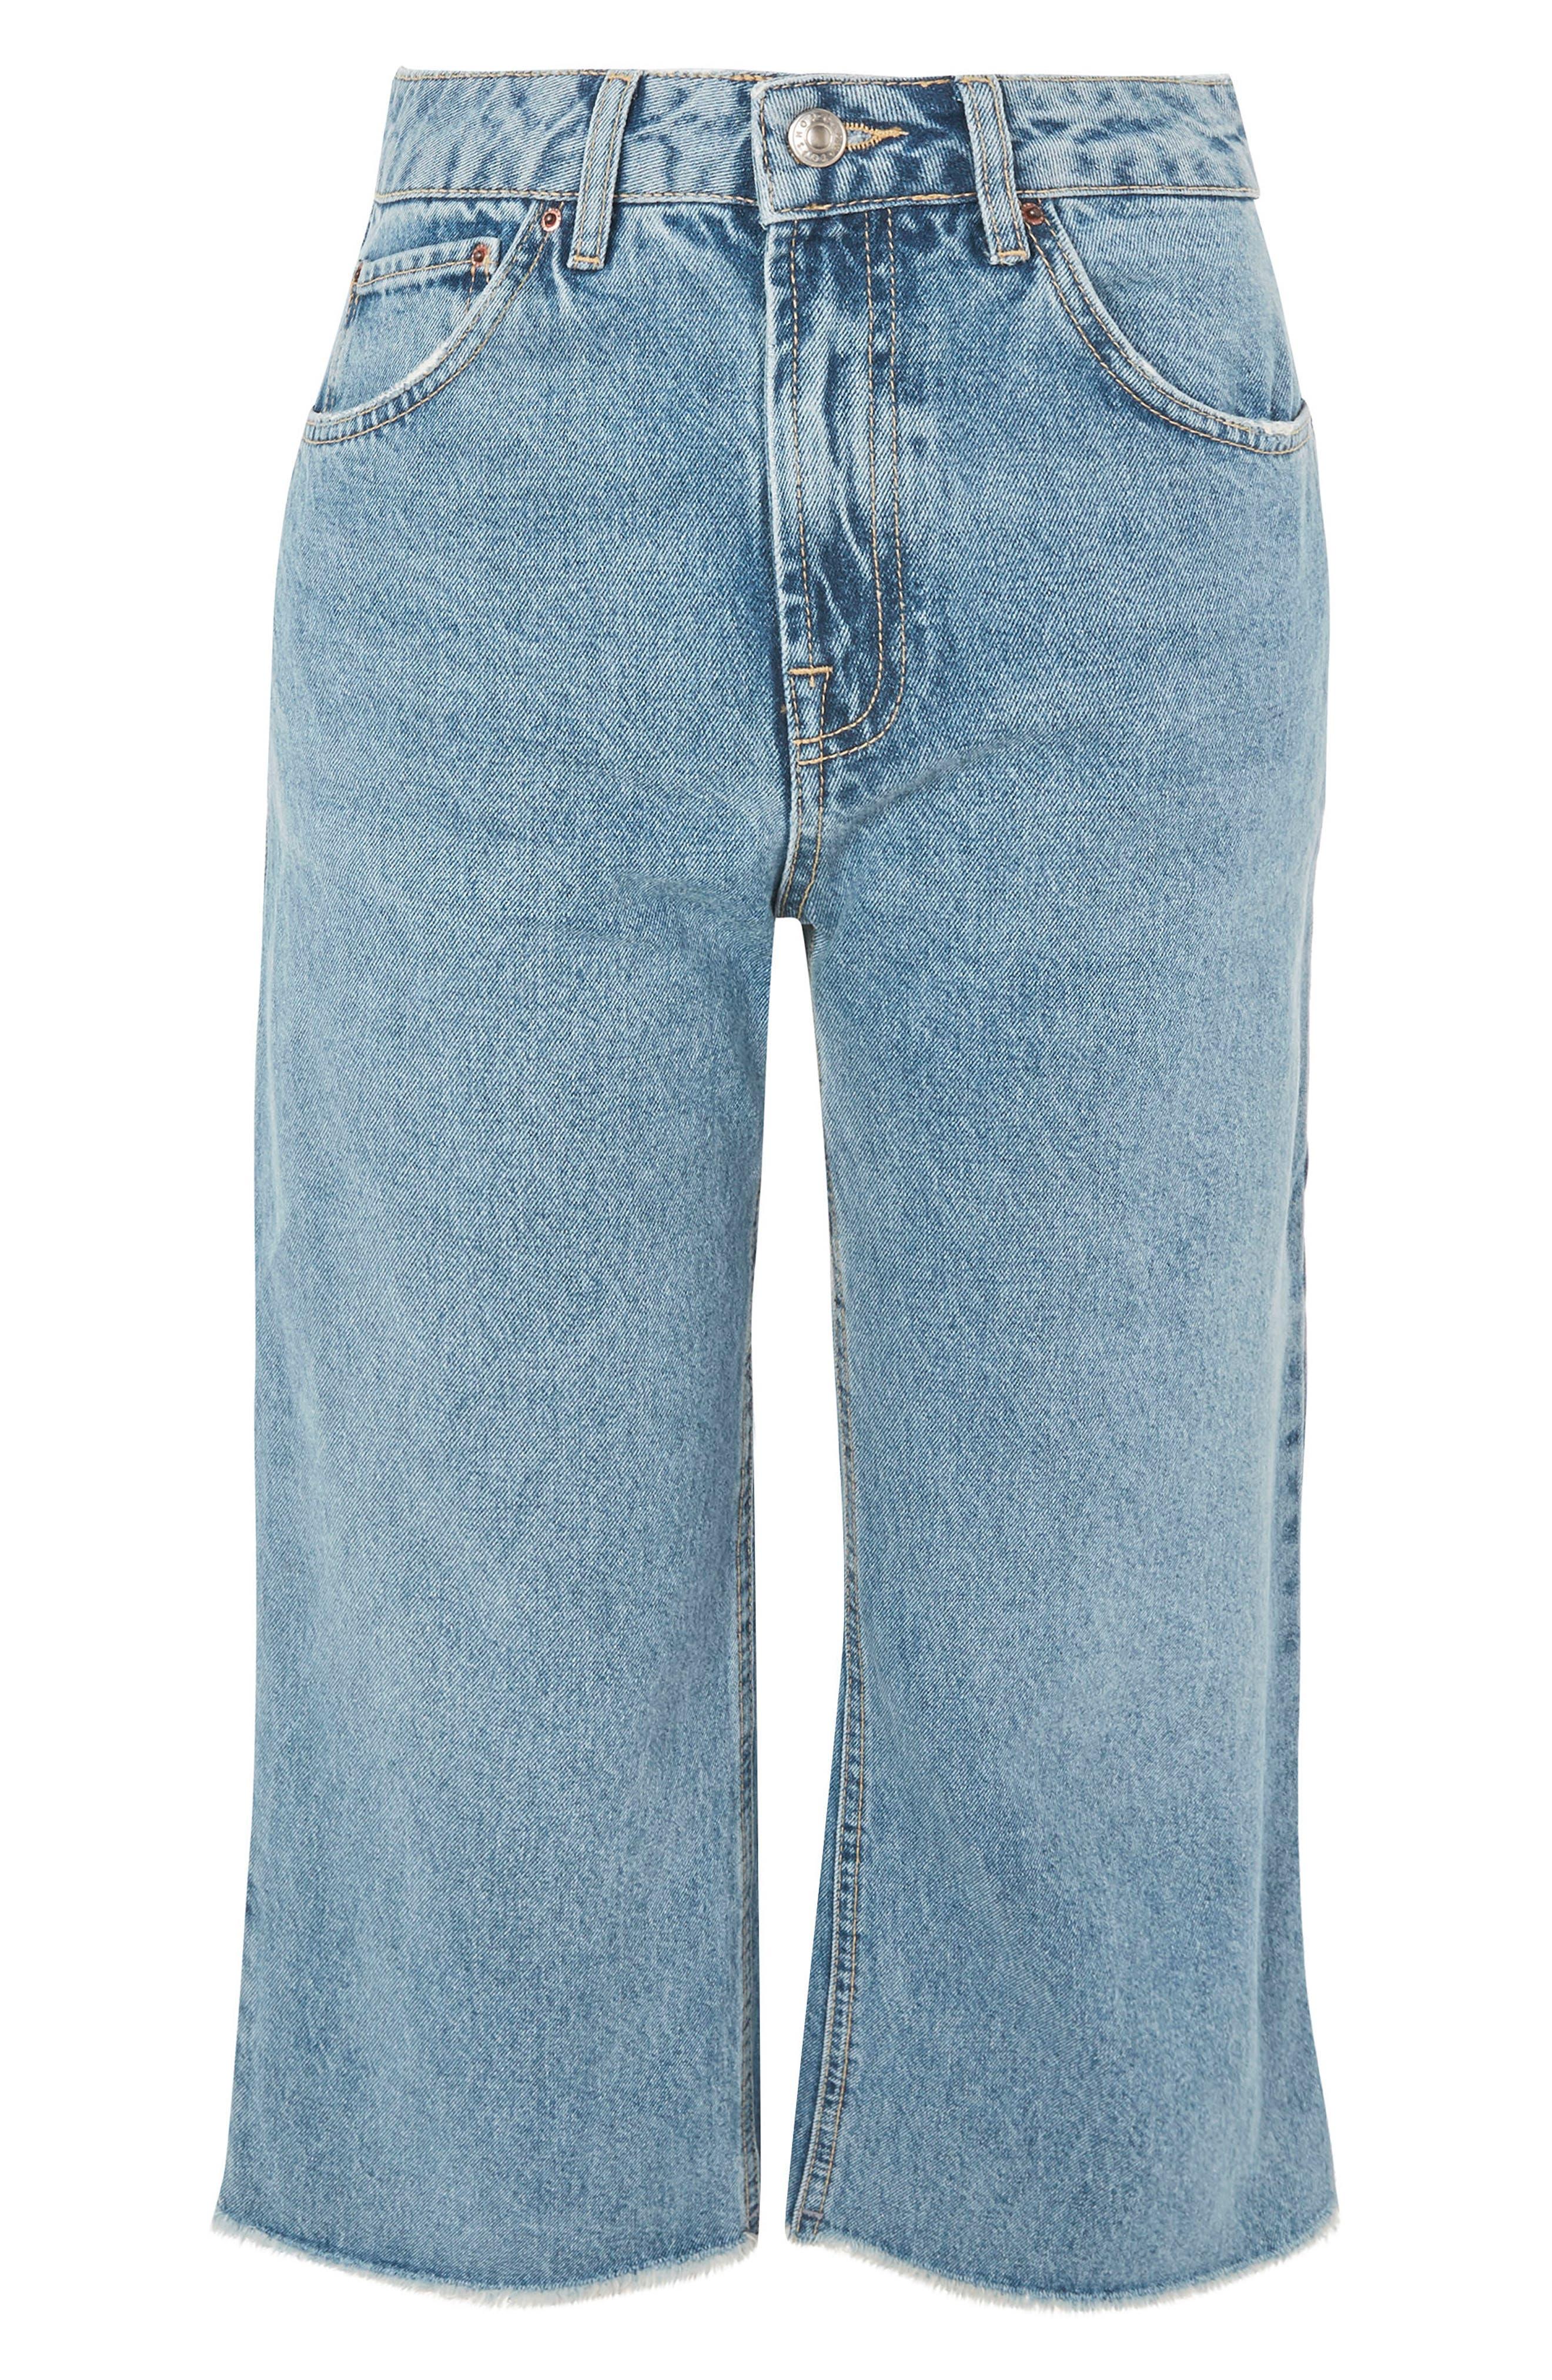 TOPSHOP,                             Petite Wide Leg Crop Jeans,                             Alternate thumbnail 3, color,                             420